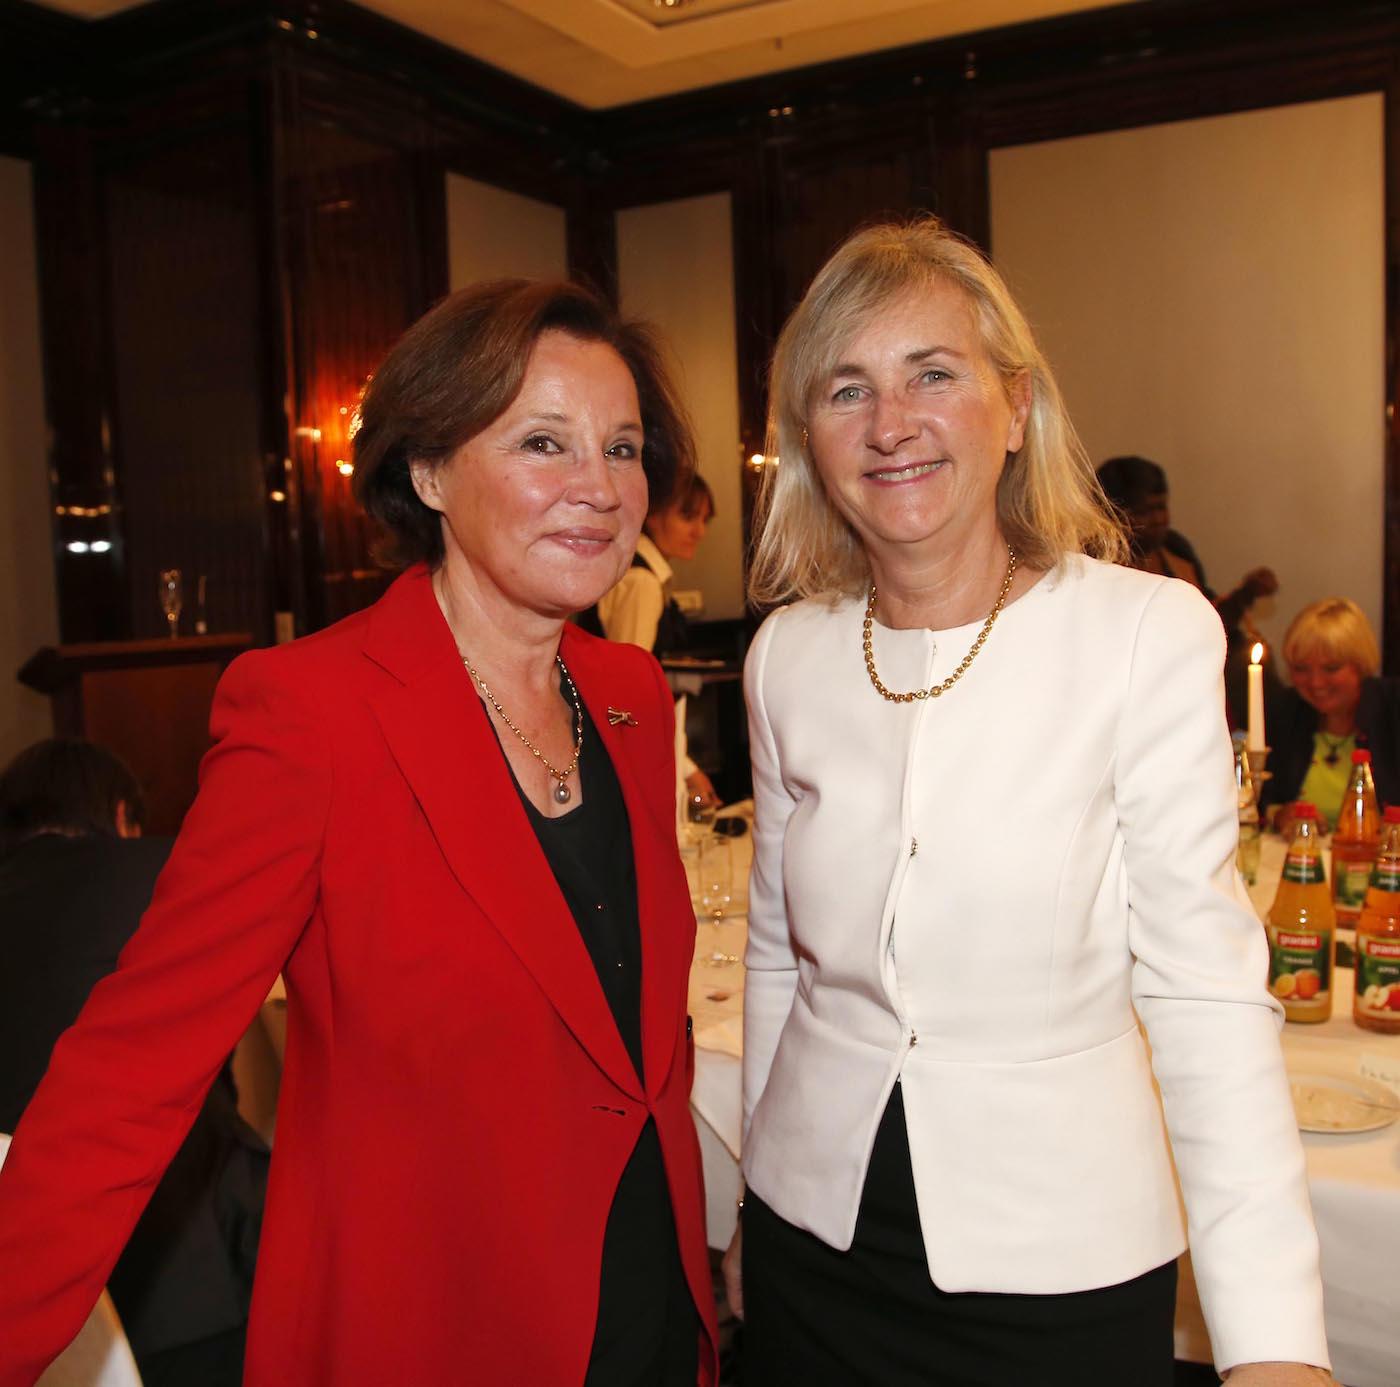 Chantal Behncke (Ehrenmitglied Ambassadors Club) , I.E. Marie Gervais-Vidricaire (Botschafterin Kanada) bei der Ambassadors Club Veranstaltung -Women for Peace- im MARITIM Hotel berlin.